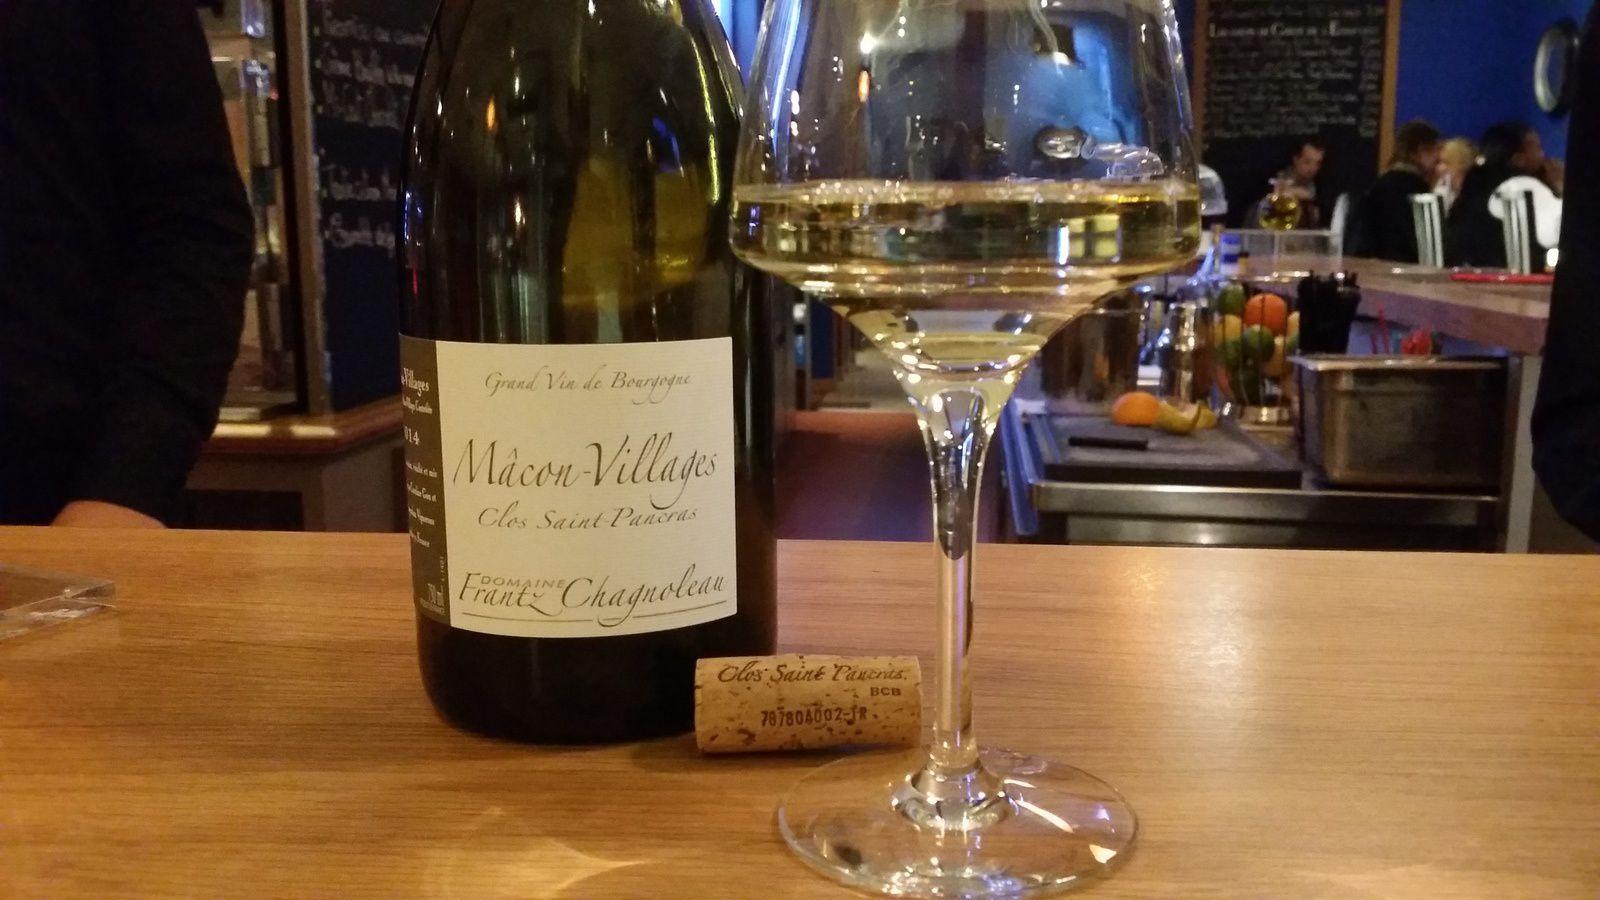 Mâcon, St Véran ou Pouilly Fuissé, chez Frantz Chagnoleau tous ses vins sont bons!